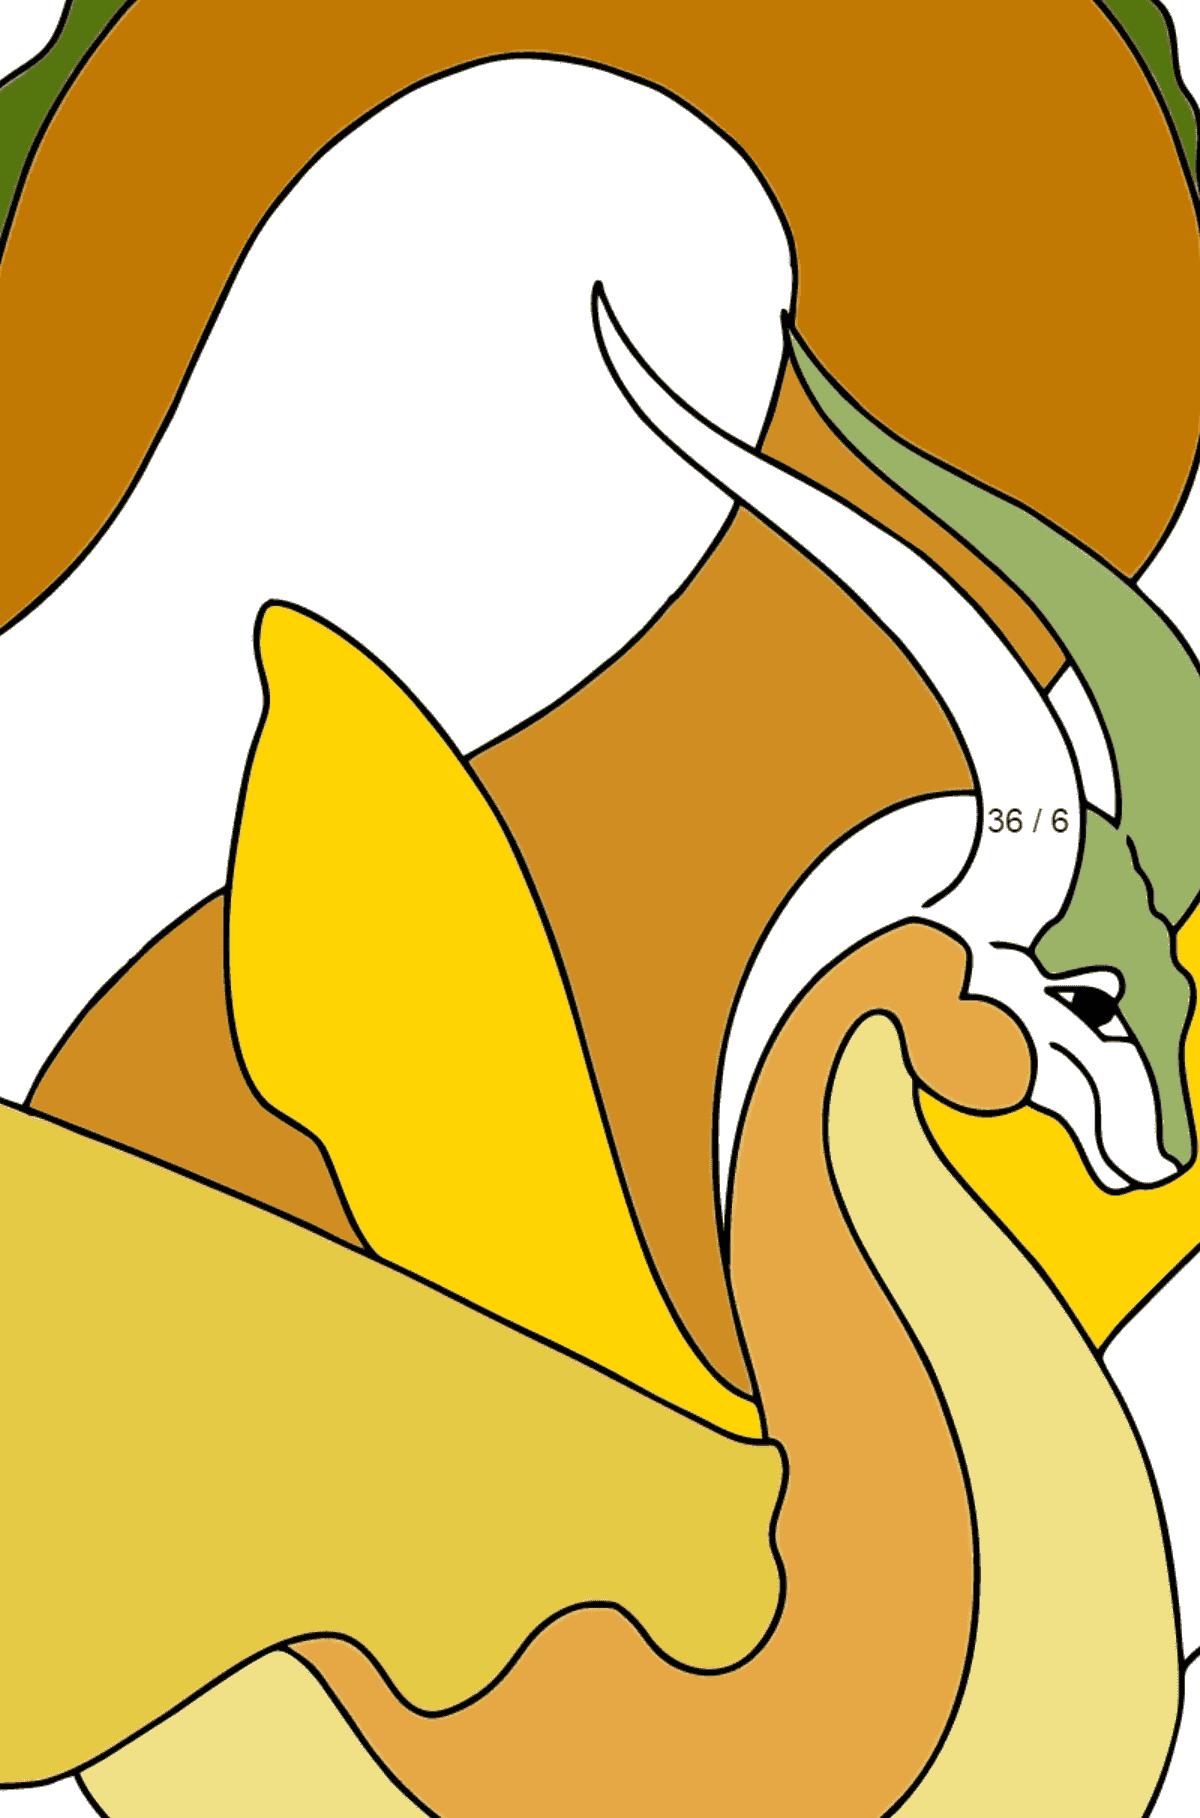 Ausmalseite - Ein Drache mit orangefarbenem Schwanz - Mathe Ausmalbilder - Division für Kinder